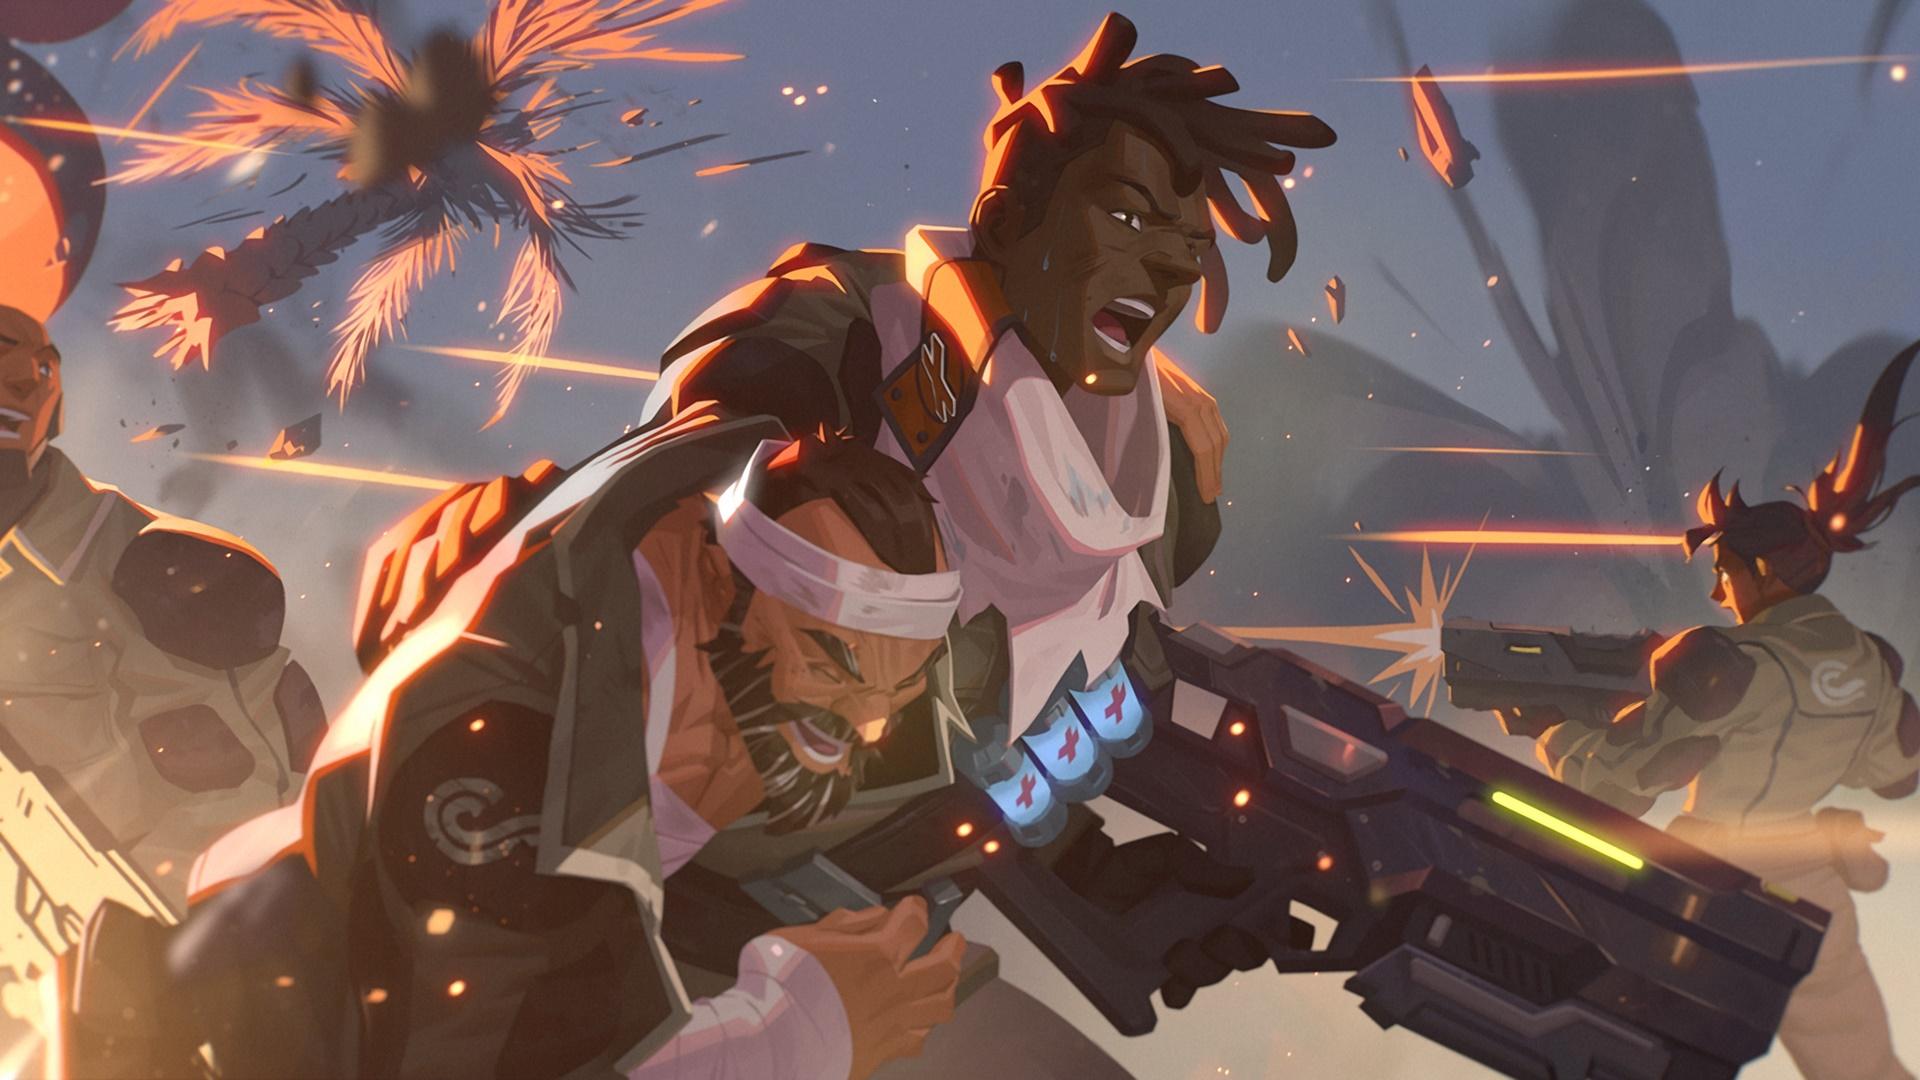 GOATS - Overwatch - livescore, match results, …